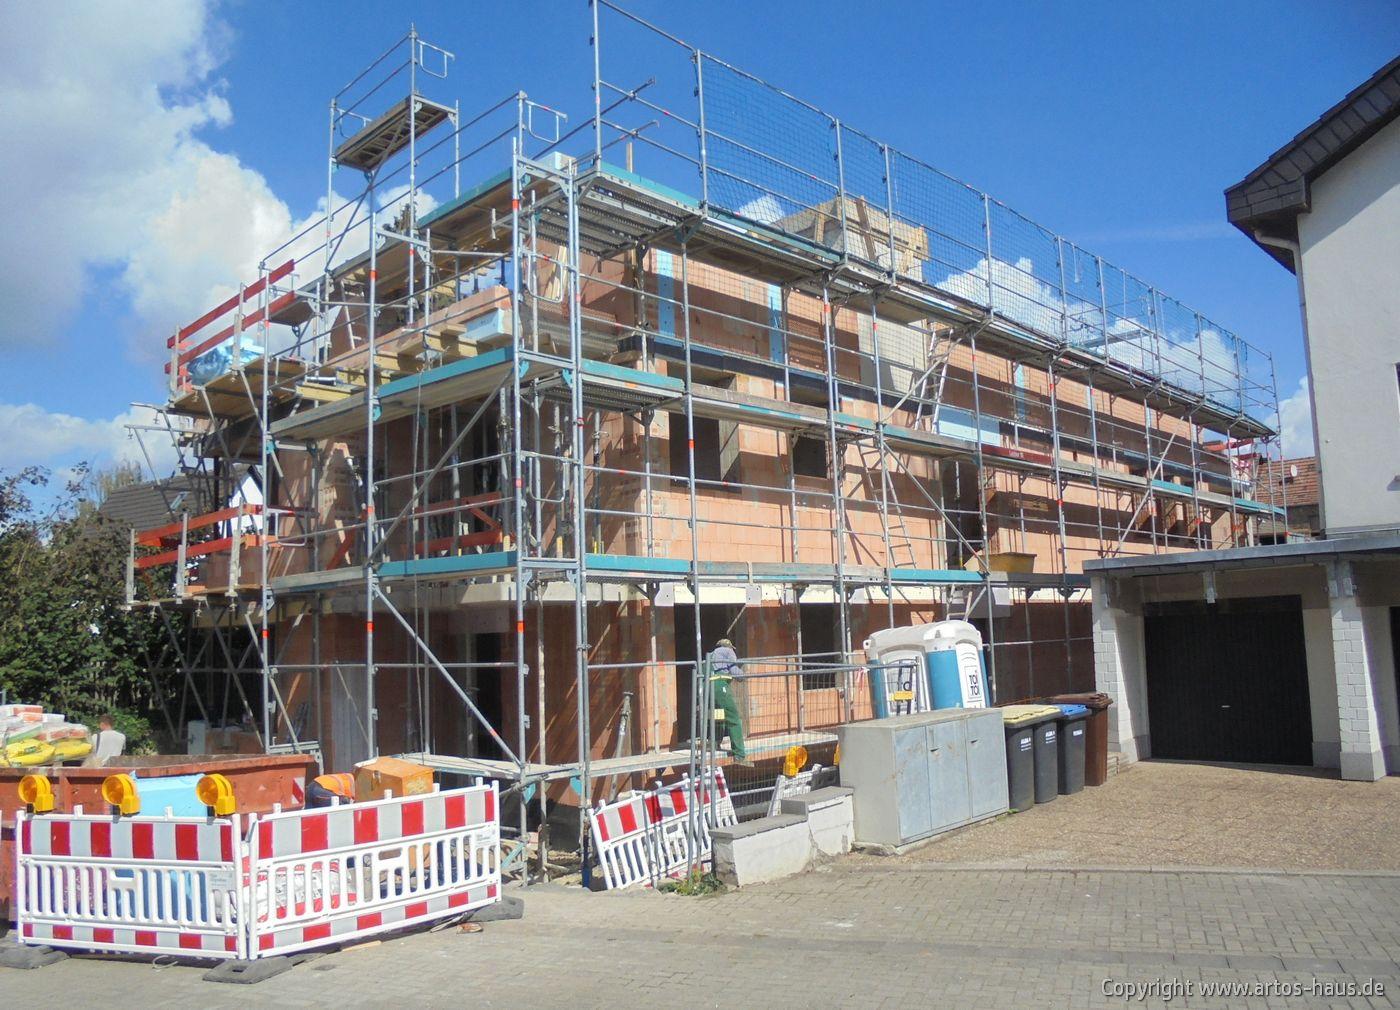 Bauvorhaben ARTOS HAUS in Pulheim, Mehrfamilienhaus